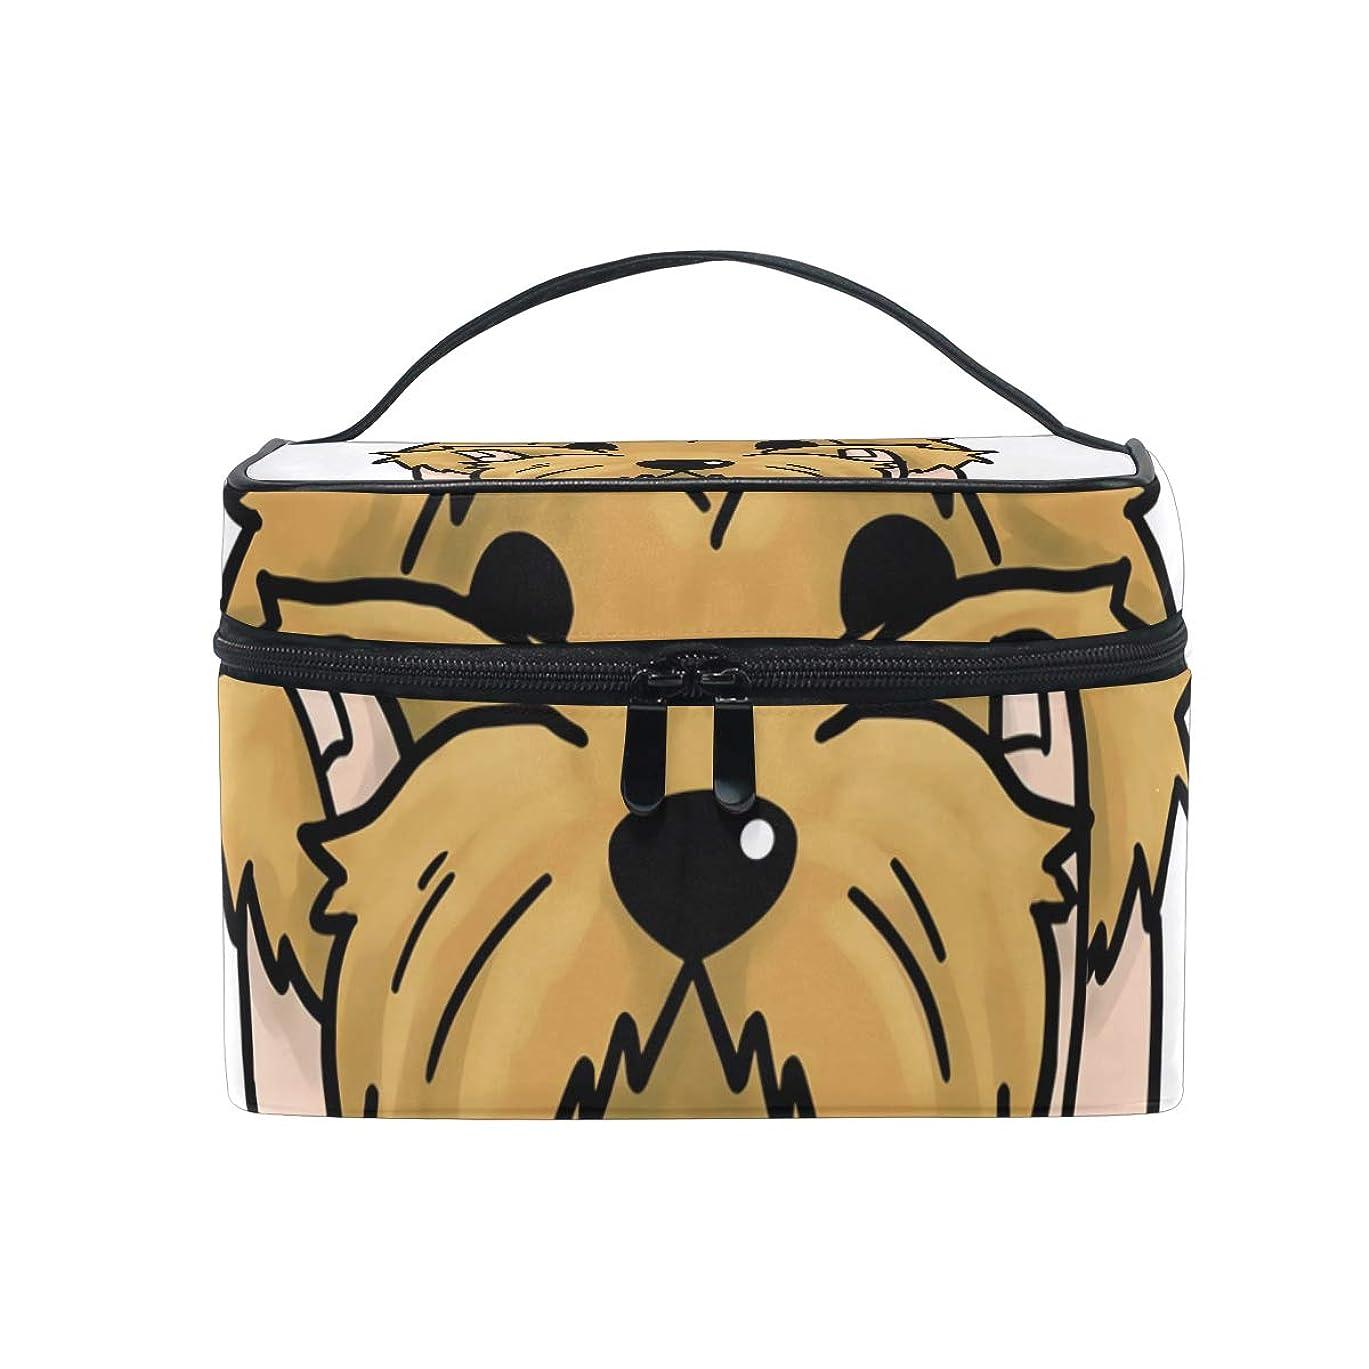 神聖小間出版メイクボックス ヨークシャーテリア柄 化粧ポーチ 化粧品 化粧道具 小物入れ メイクブラシバッグ 大容量 旅行用 収納ケース